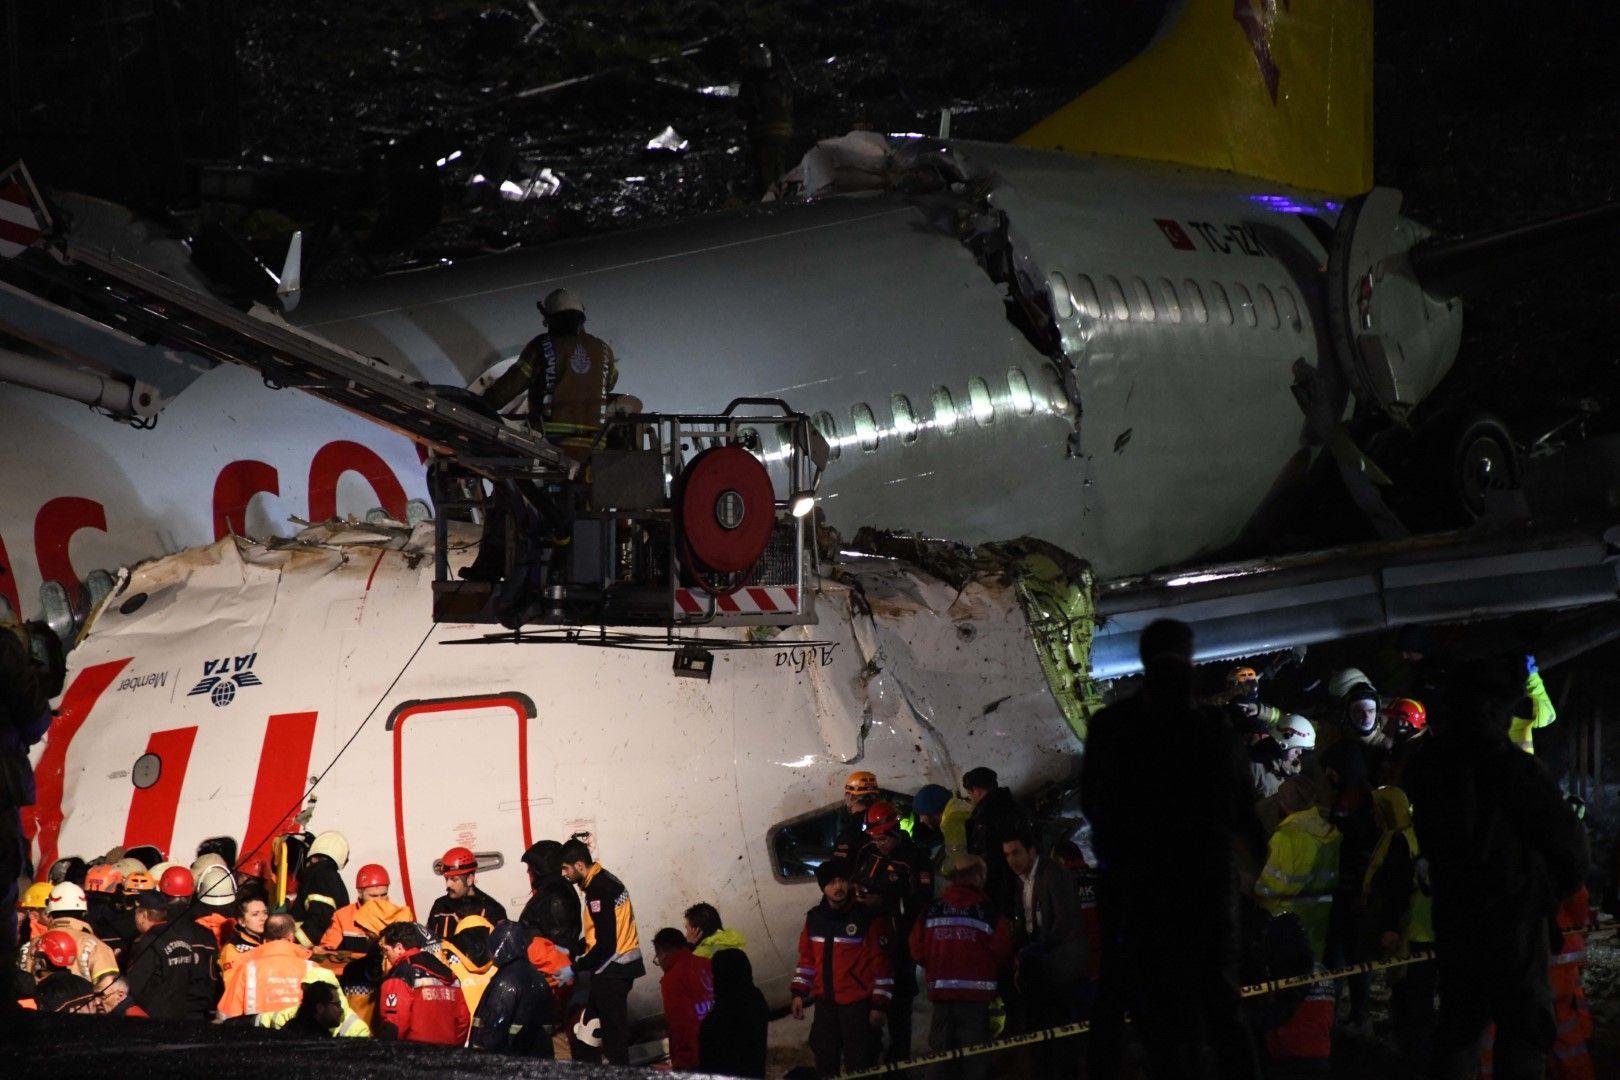 След зрелищната катастрофа има поне 3 загинали, но цяло чудо е, че самолетът не се е запалил